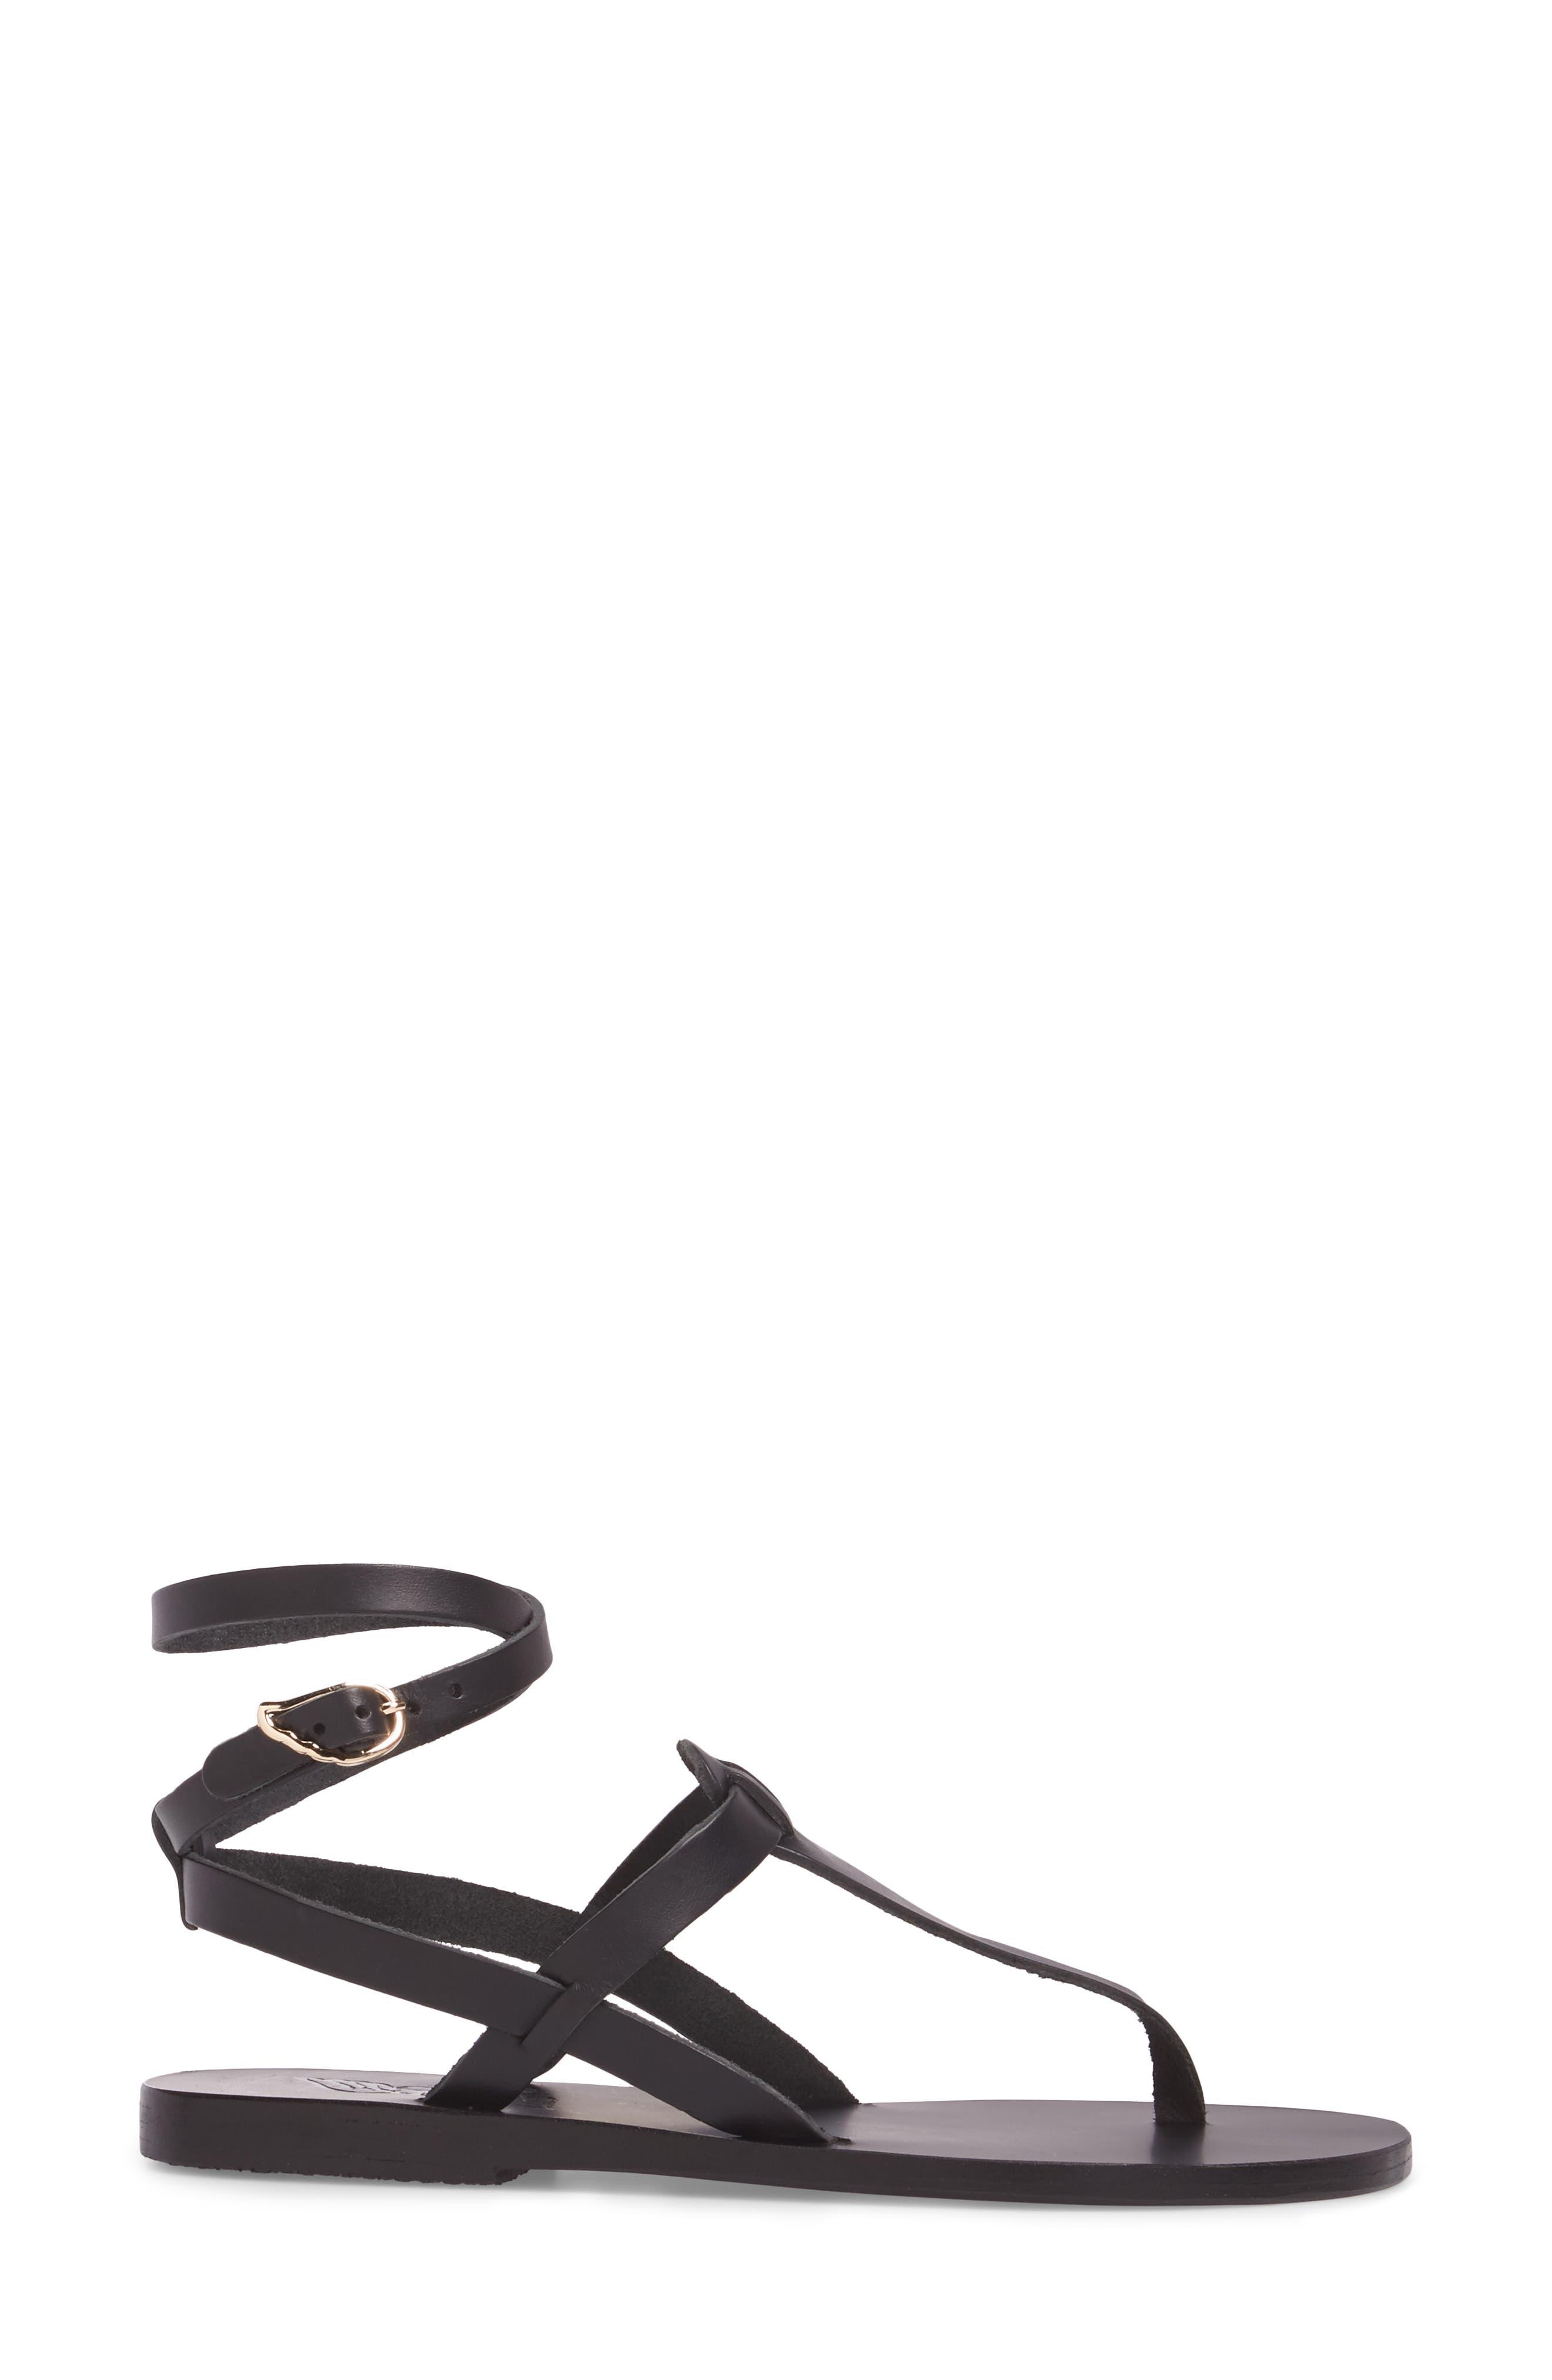 ANCIENT GREEK SANDALS,                             Estia Ankle Wrap Sandal,                             Alternate thumbnail 3, color,                             001